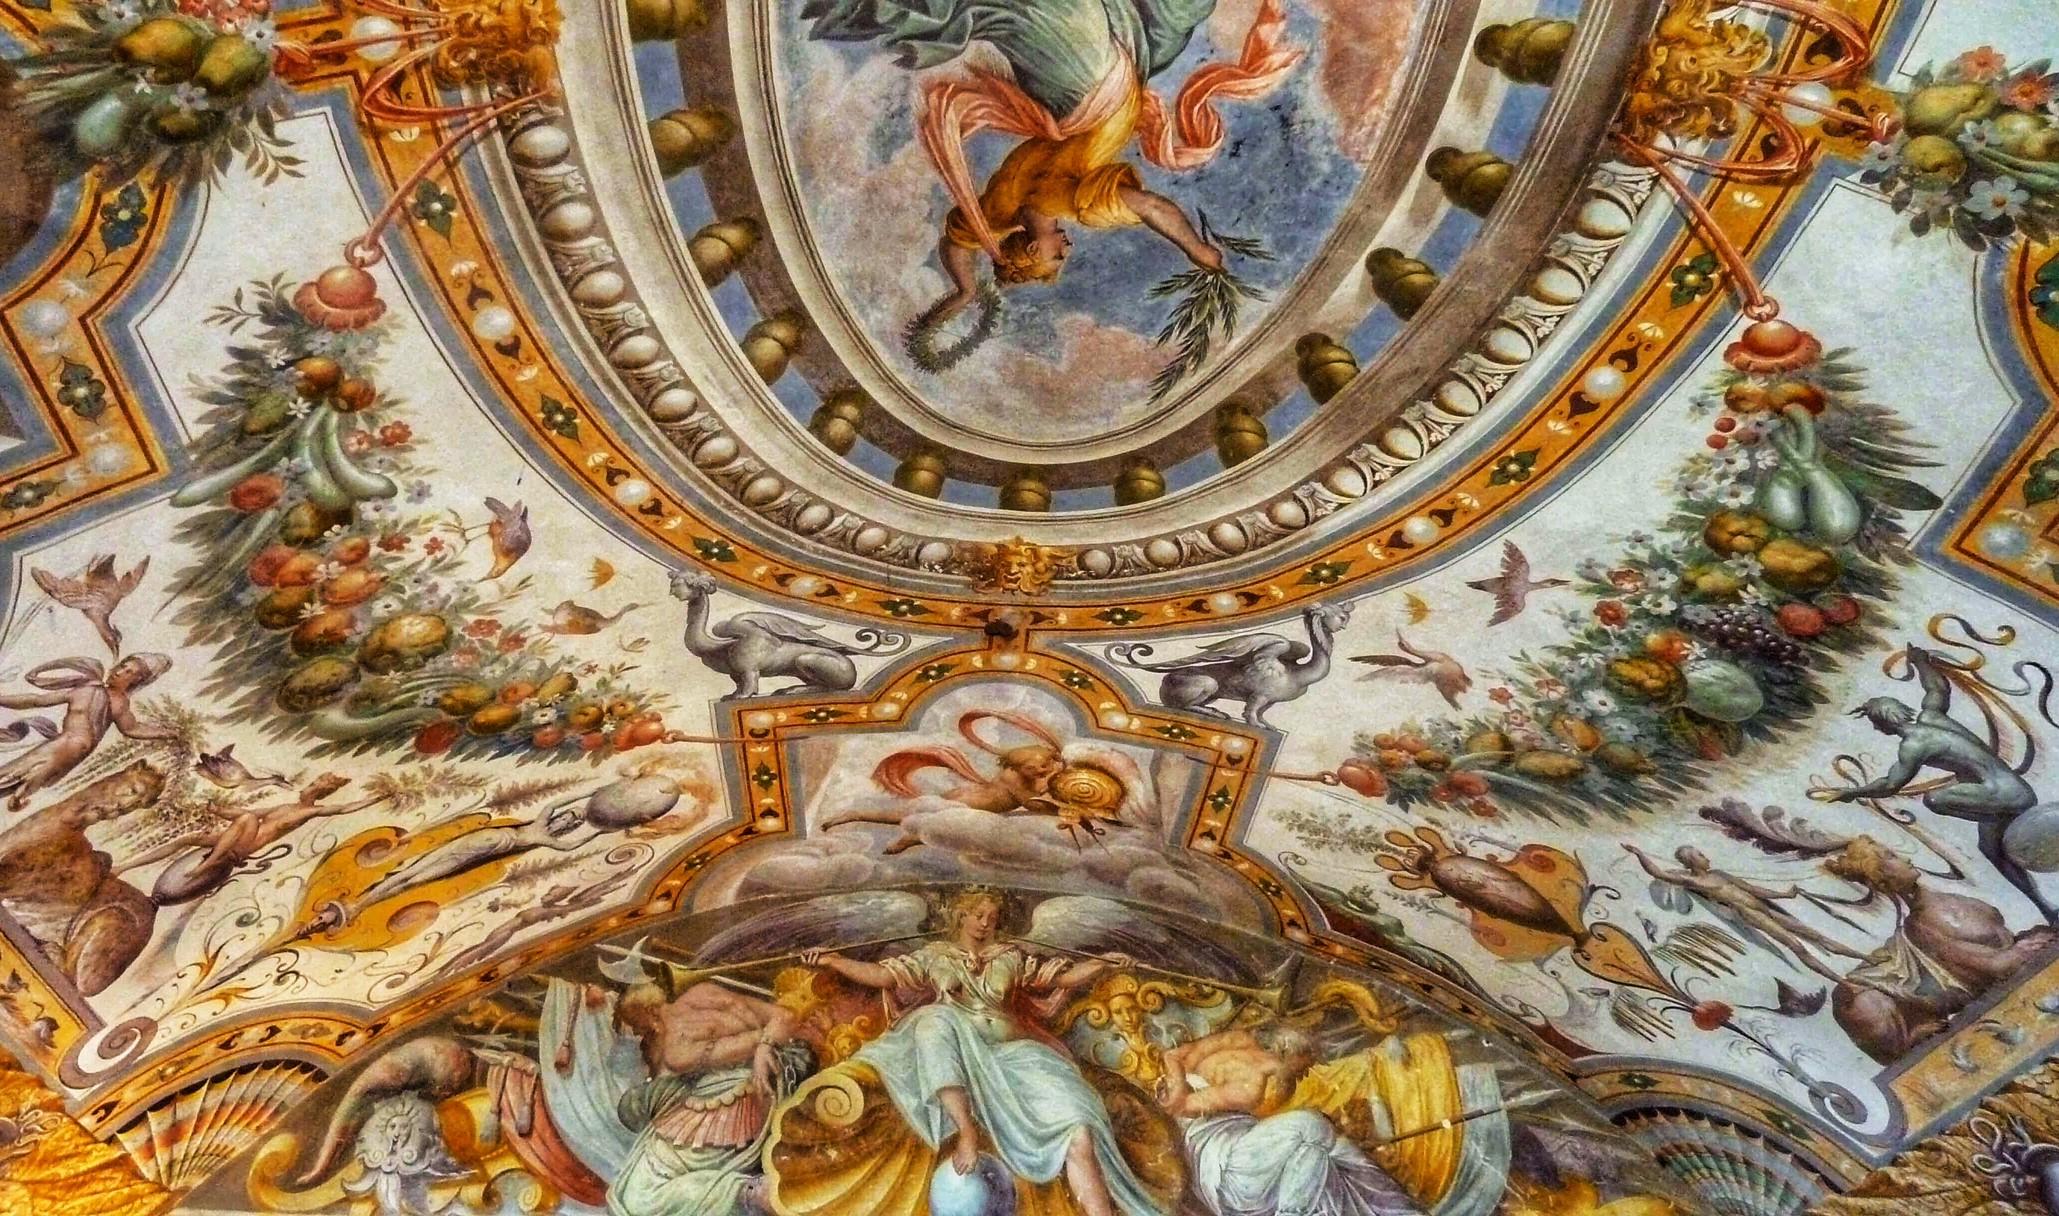 grottesche-al-castello-di-Torrechiara-Parma